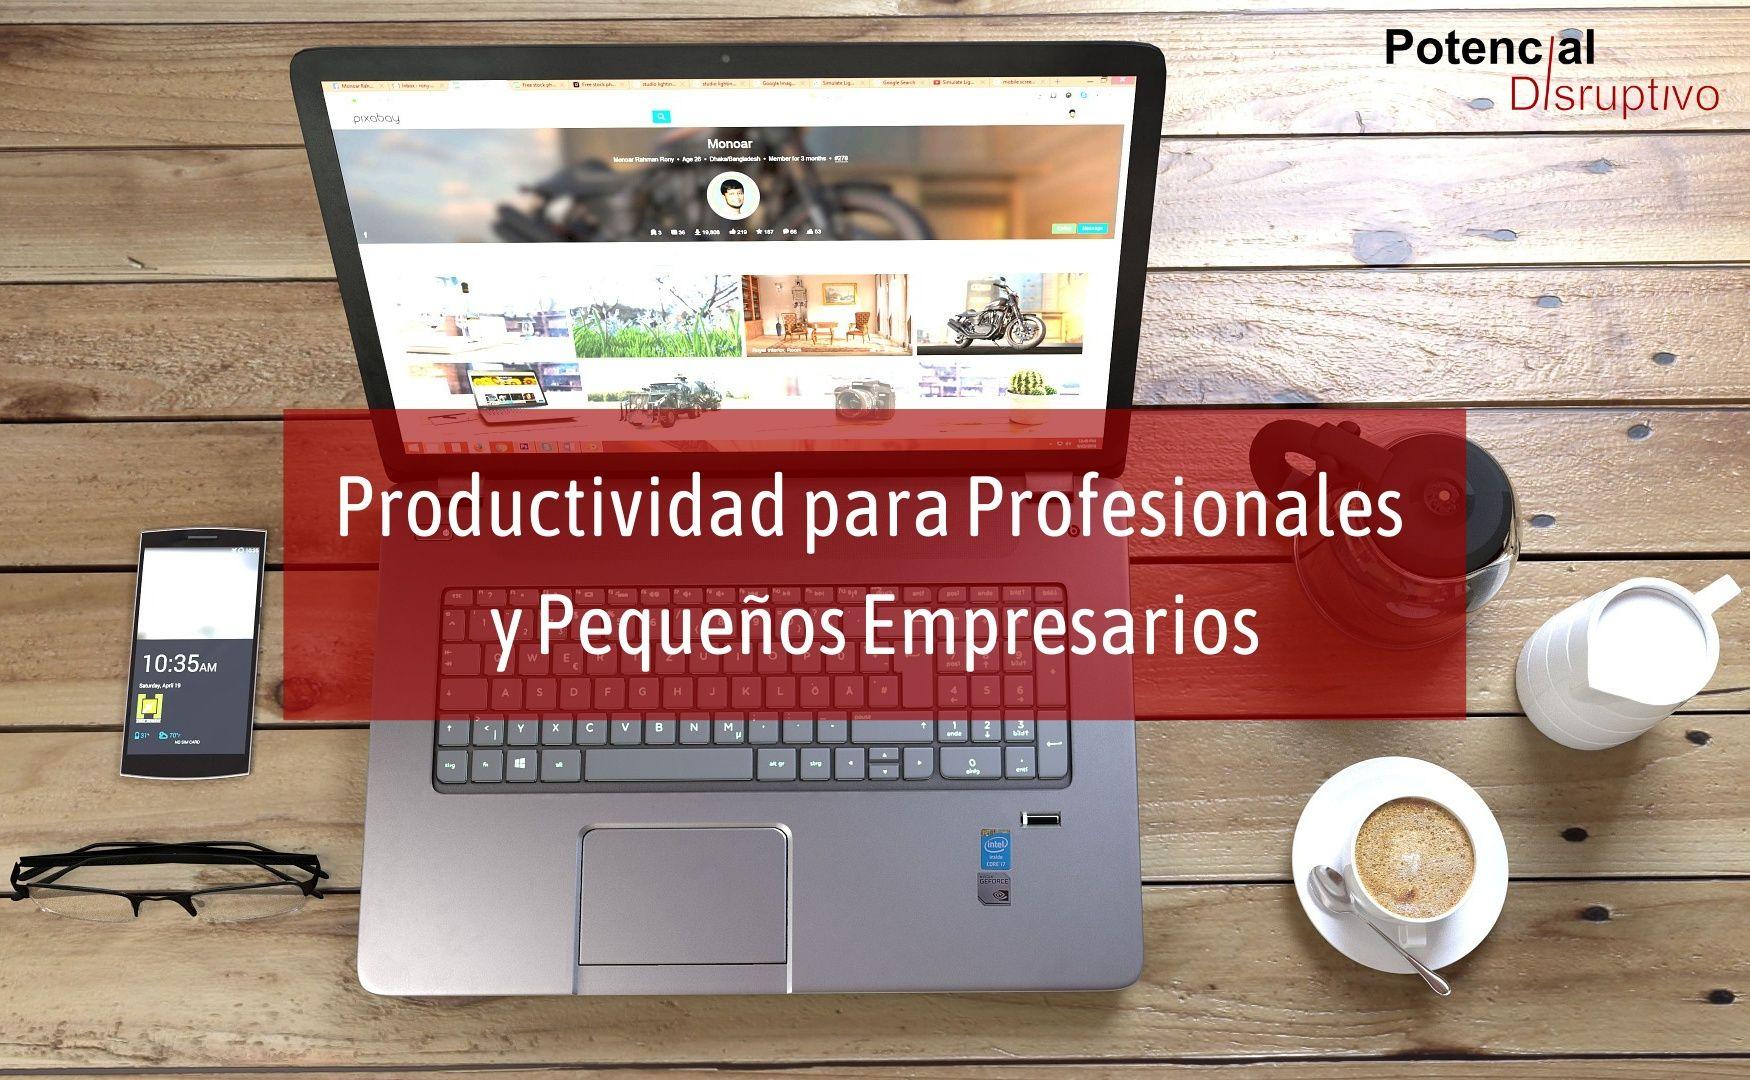 Productividad para Profesionales